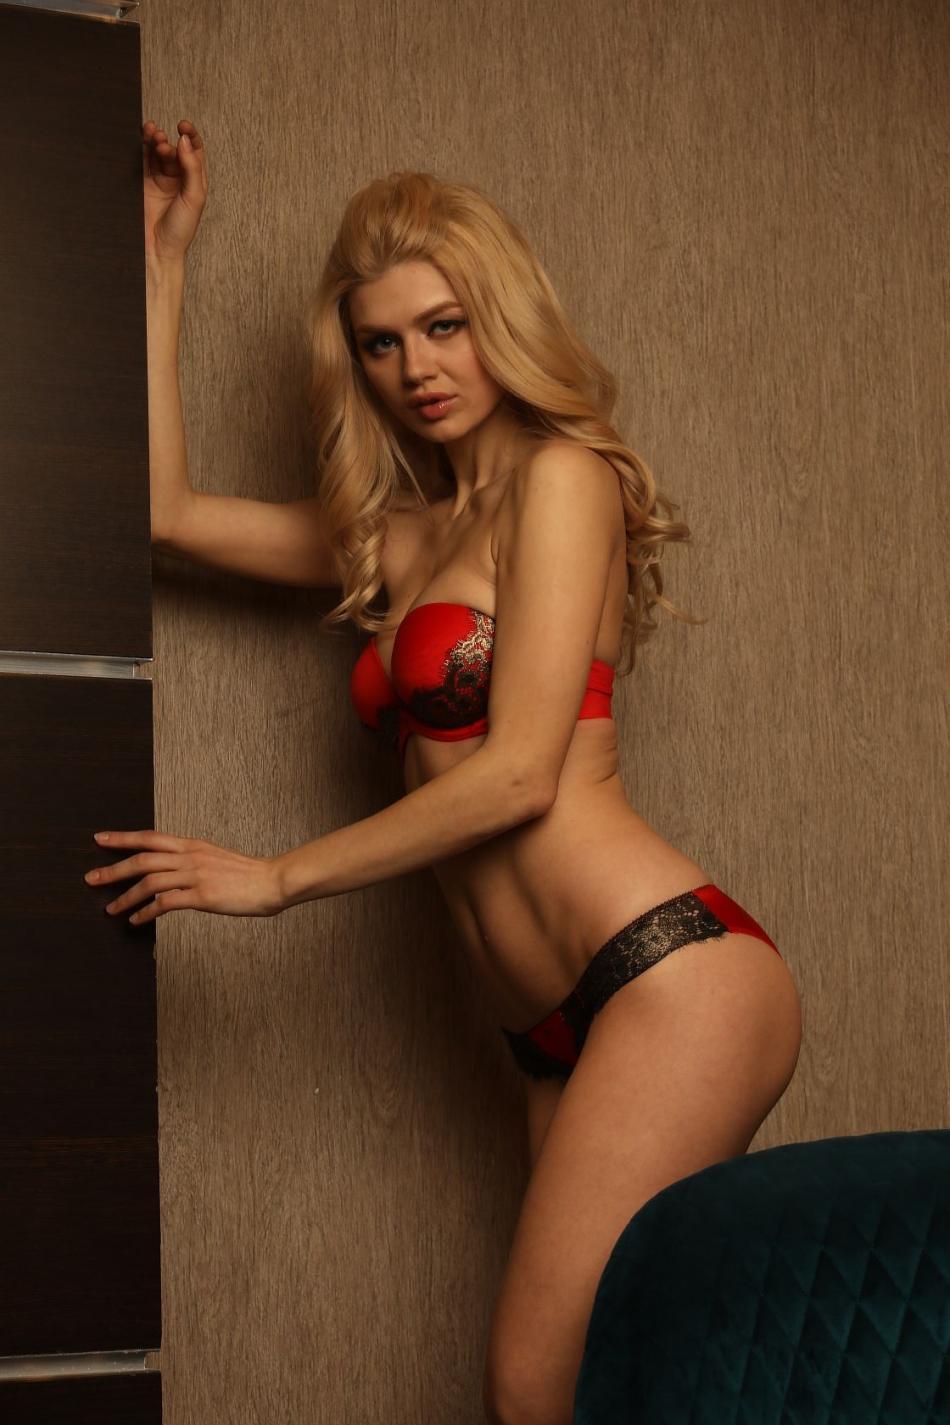 Ladyfordaddy.com Mia Escort Girl In New York 7700921 - 8 8